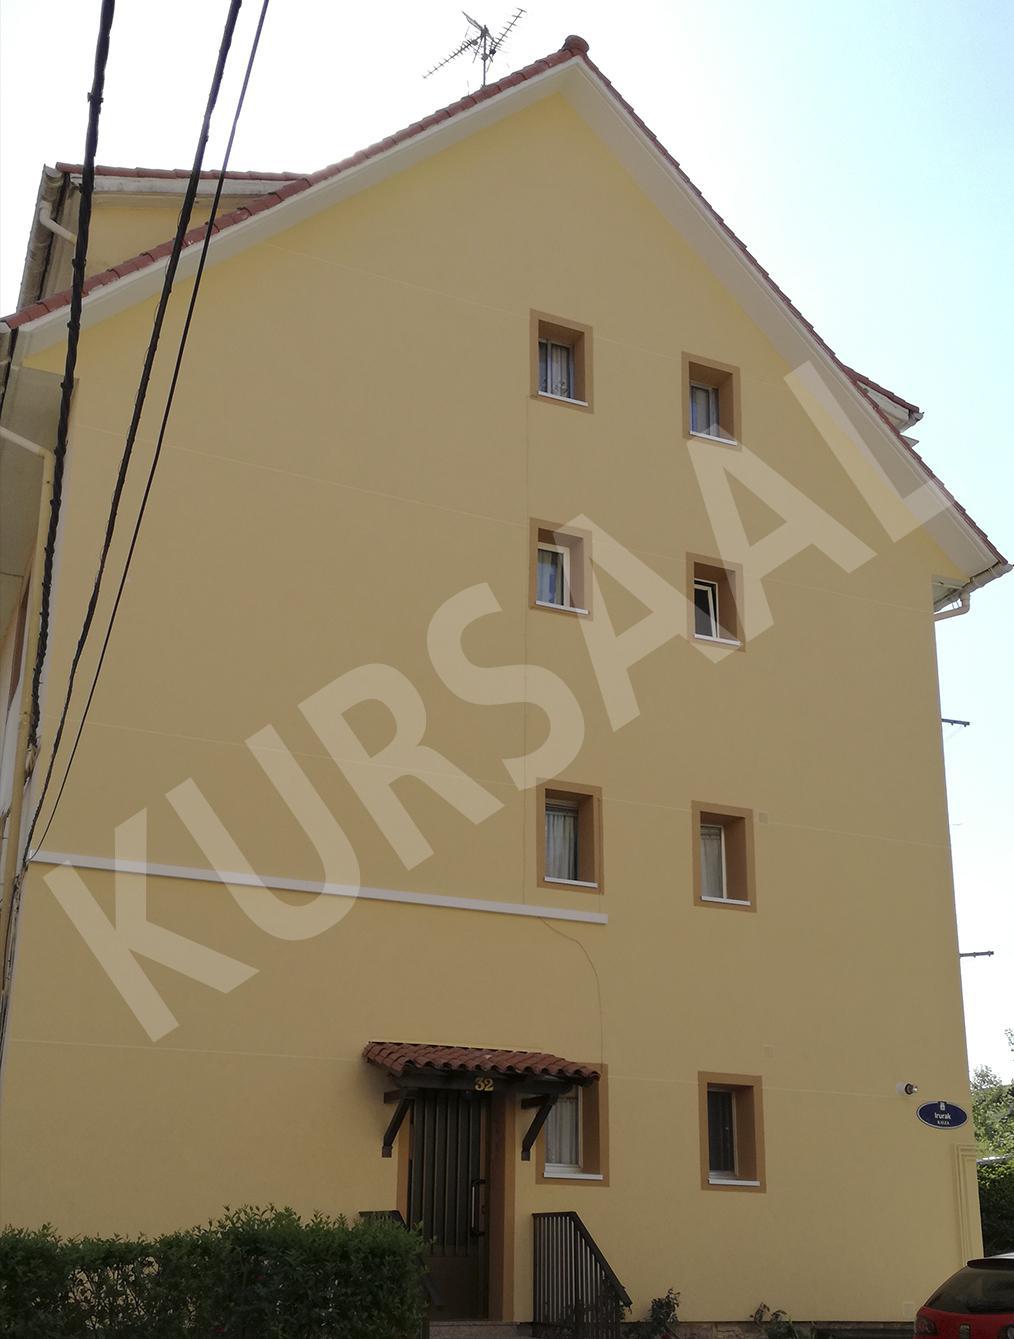 foto 4 - Aislamientos Térmicos y Eficiencia Energética-Irurak 32-DONOSTIA